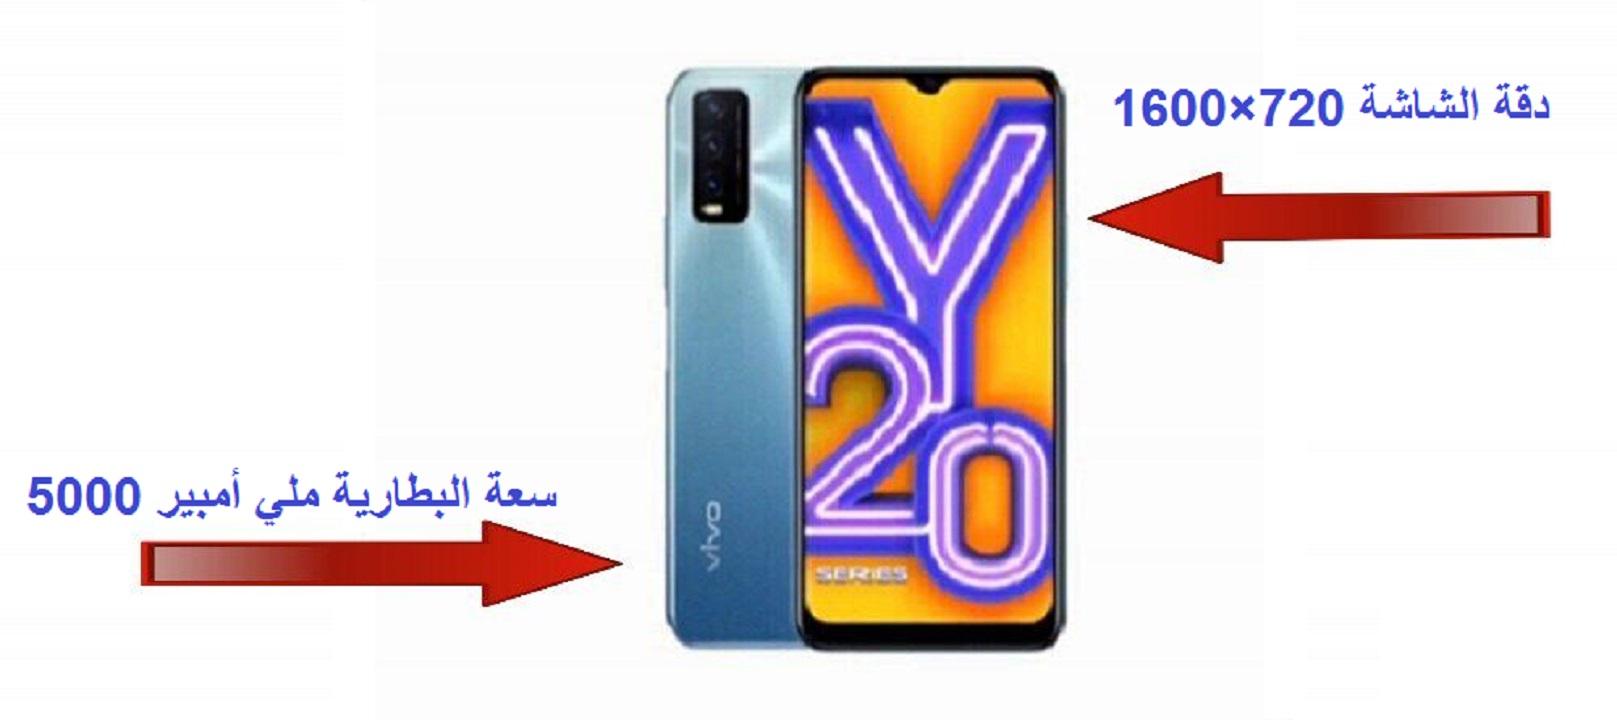 مواصفات و سعر Vivo Y20T في مصر والسعودية